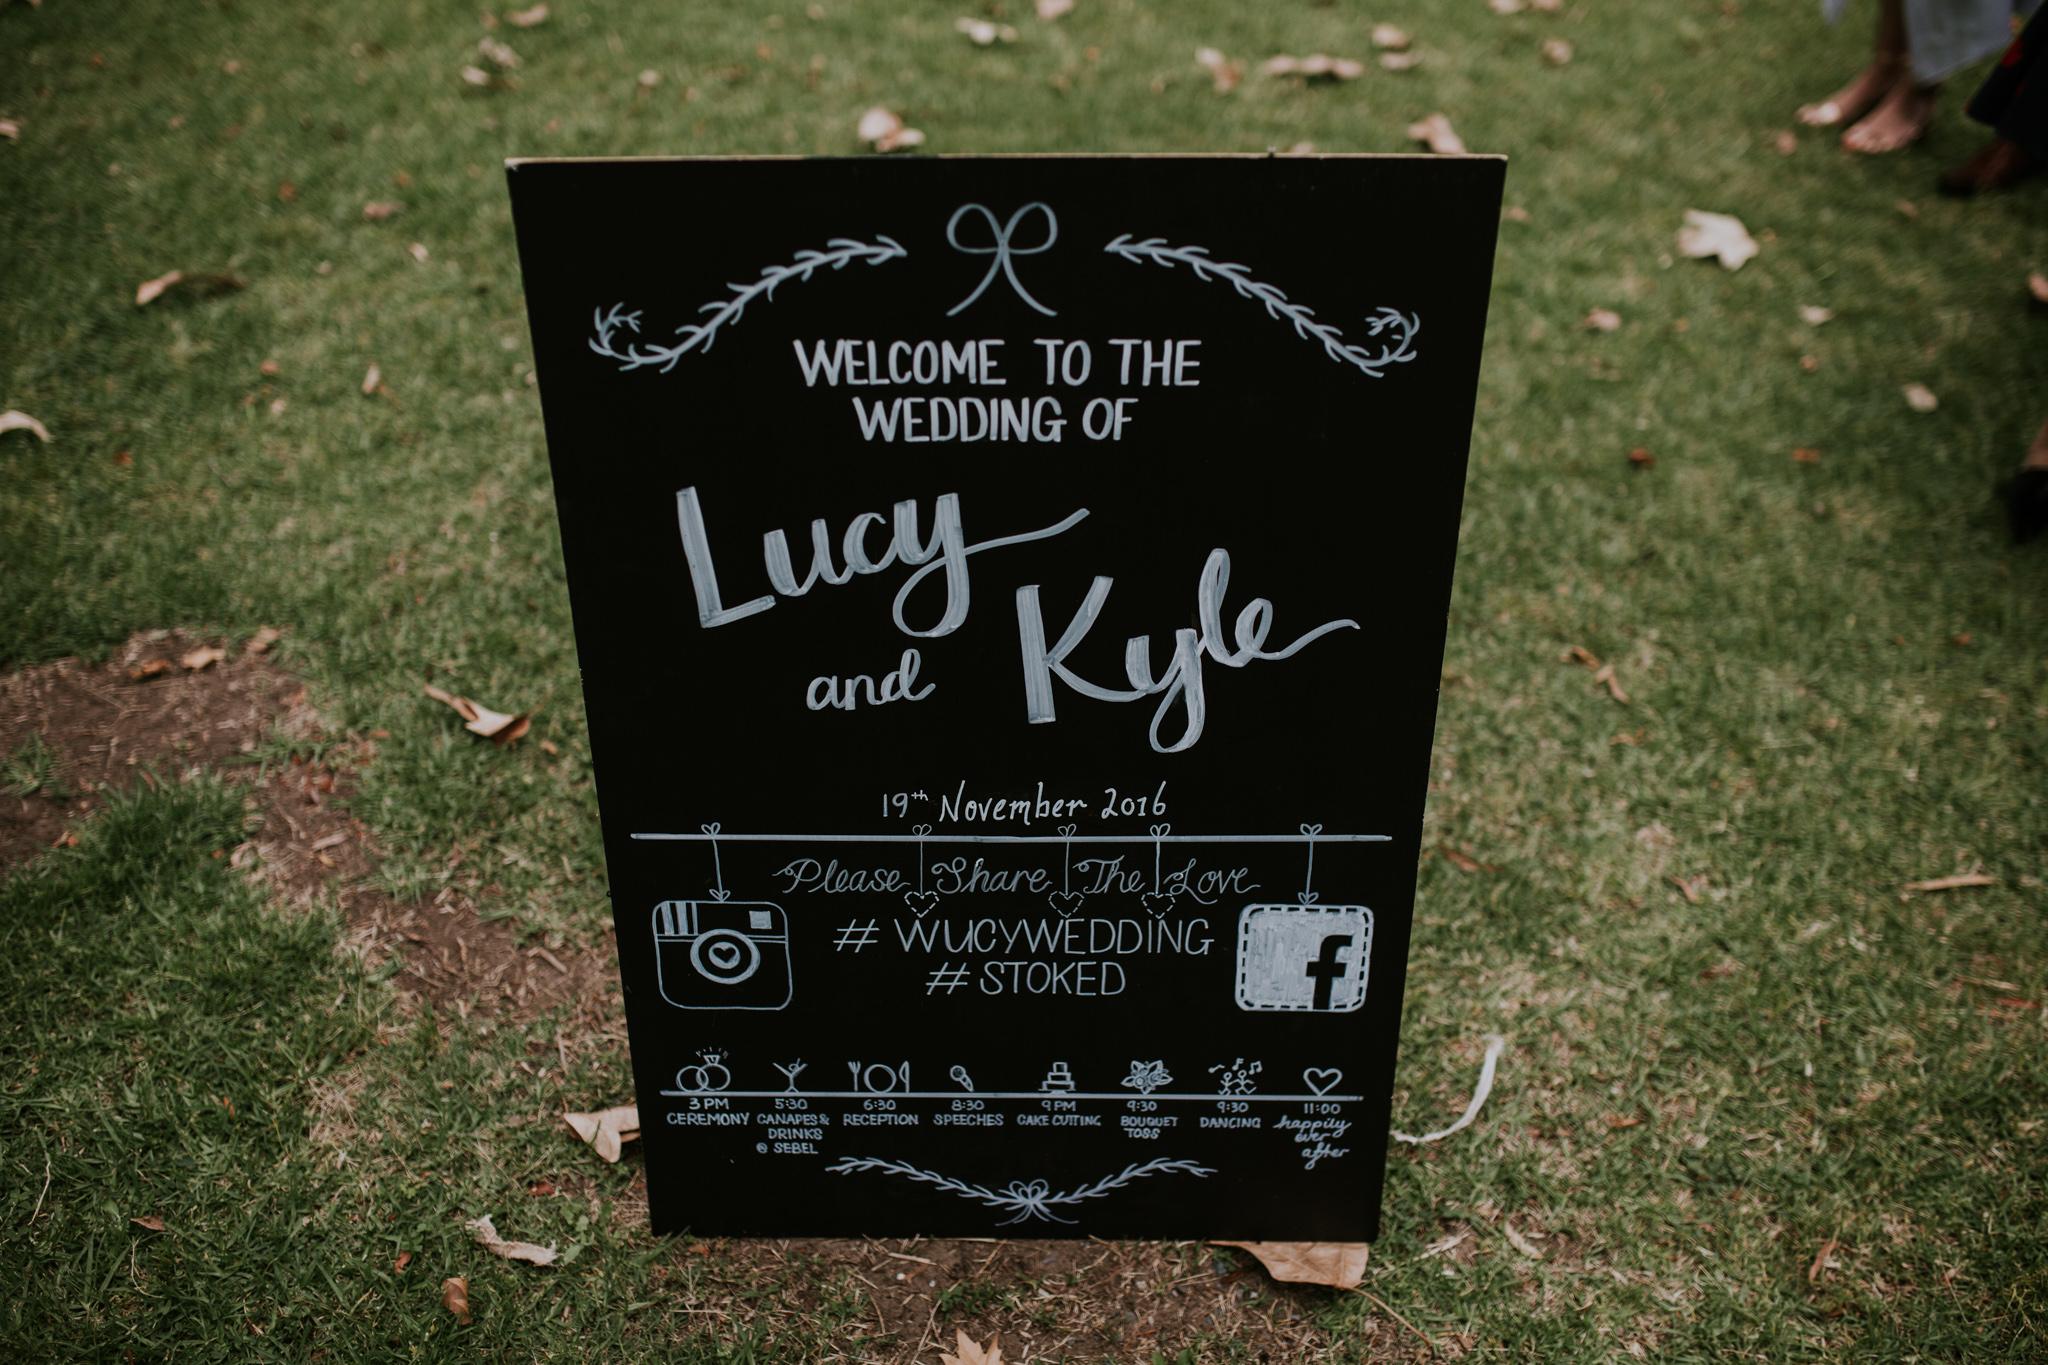 Lucy+Kyle+Kiama+Sebel+wedding-45.jpg